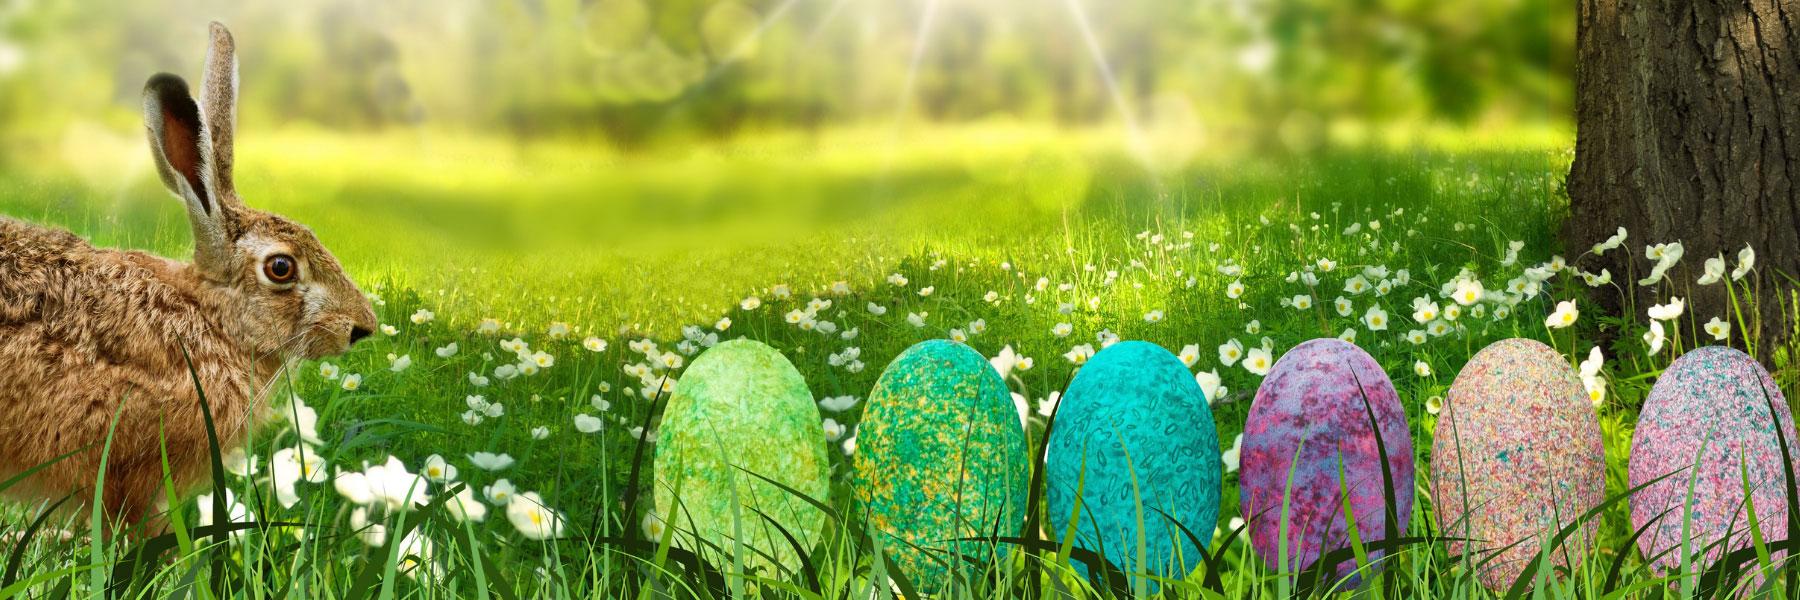 header-article-blog-Easter